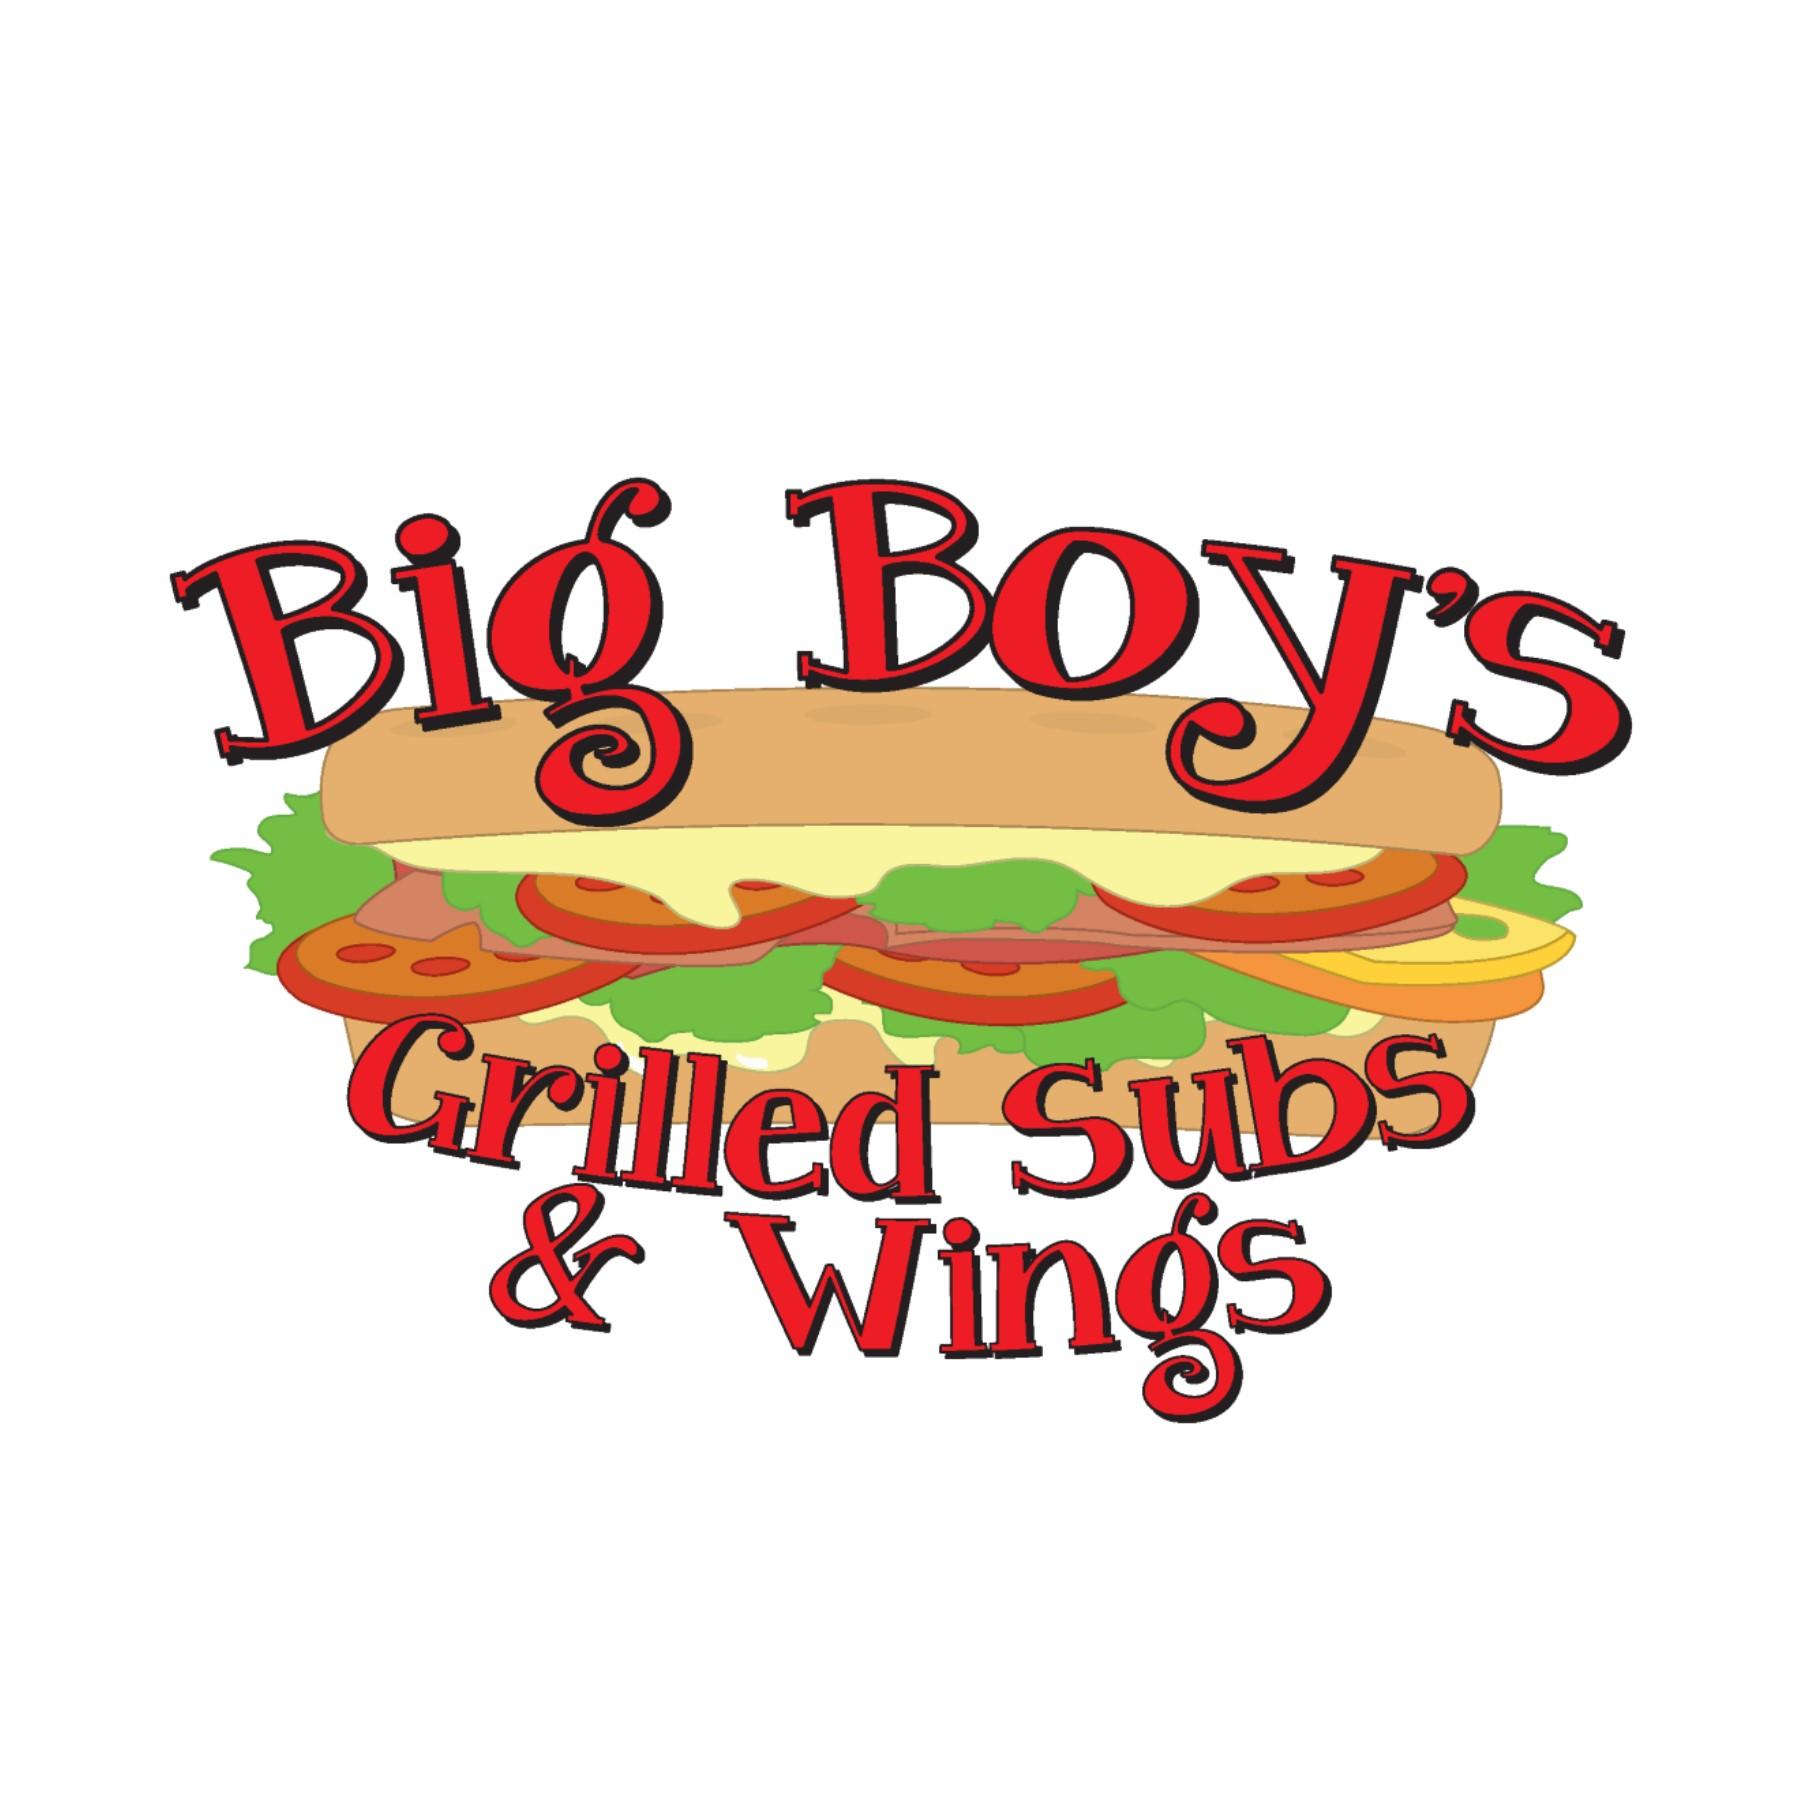 Big Boys Grilled Subs & Wings.jpg